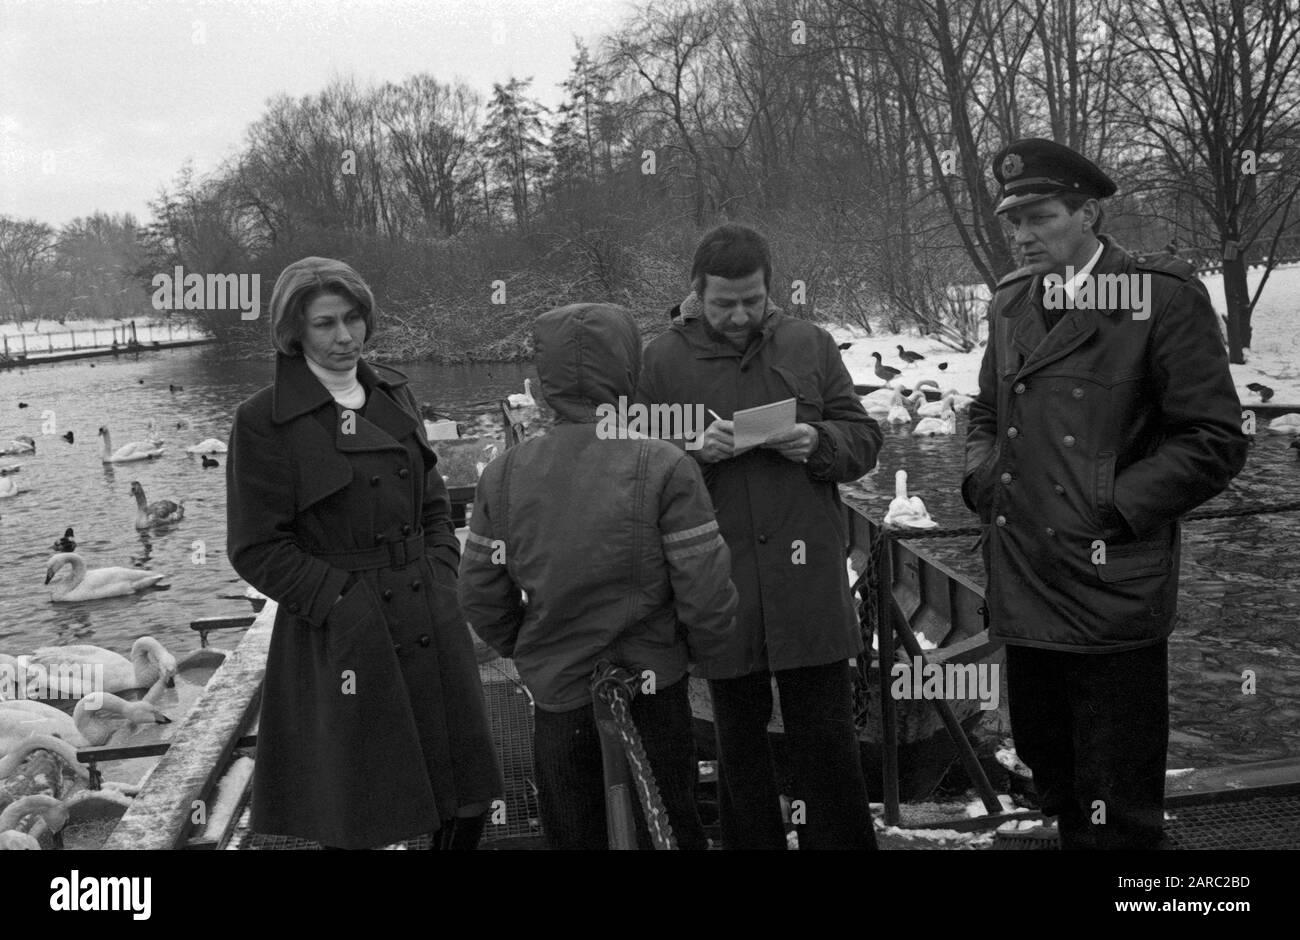 """Der Schwanenvater Harald Niess (links) kümmert sich um die Alsterschwäne in Hamburg, Deutschland 1970er Jahre. Stockman Harald Niess (left), called """"Schwanenvater"""" feeding and taking care for the swans of Alster in Hamburg, Germany 1970s. Stock Photo"""